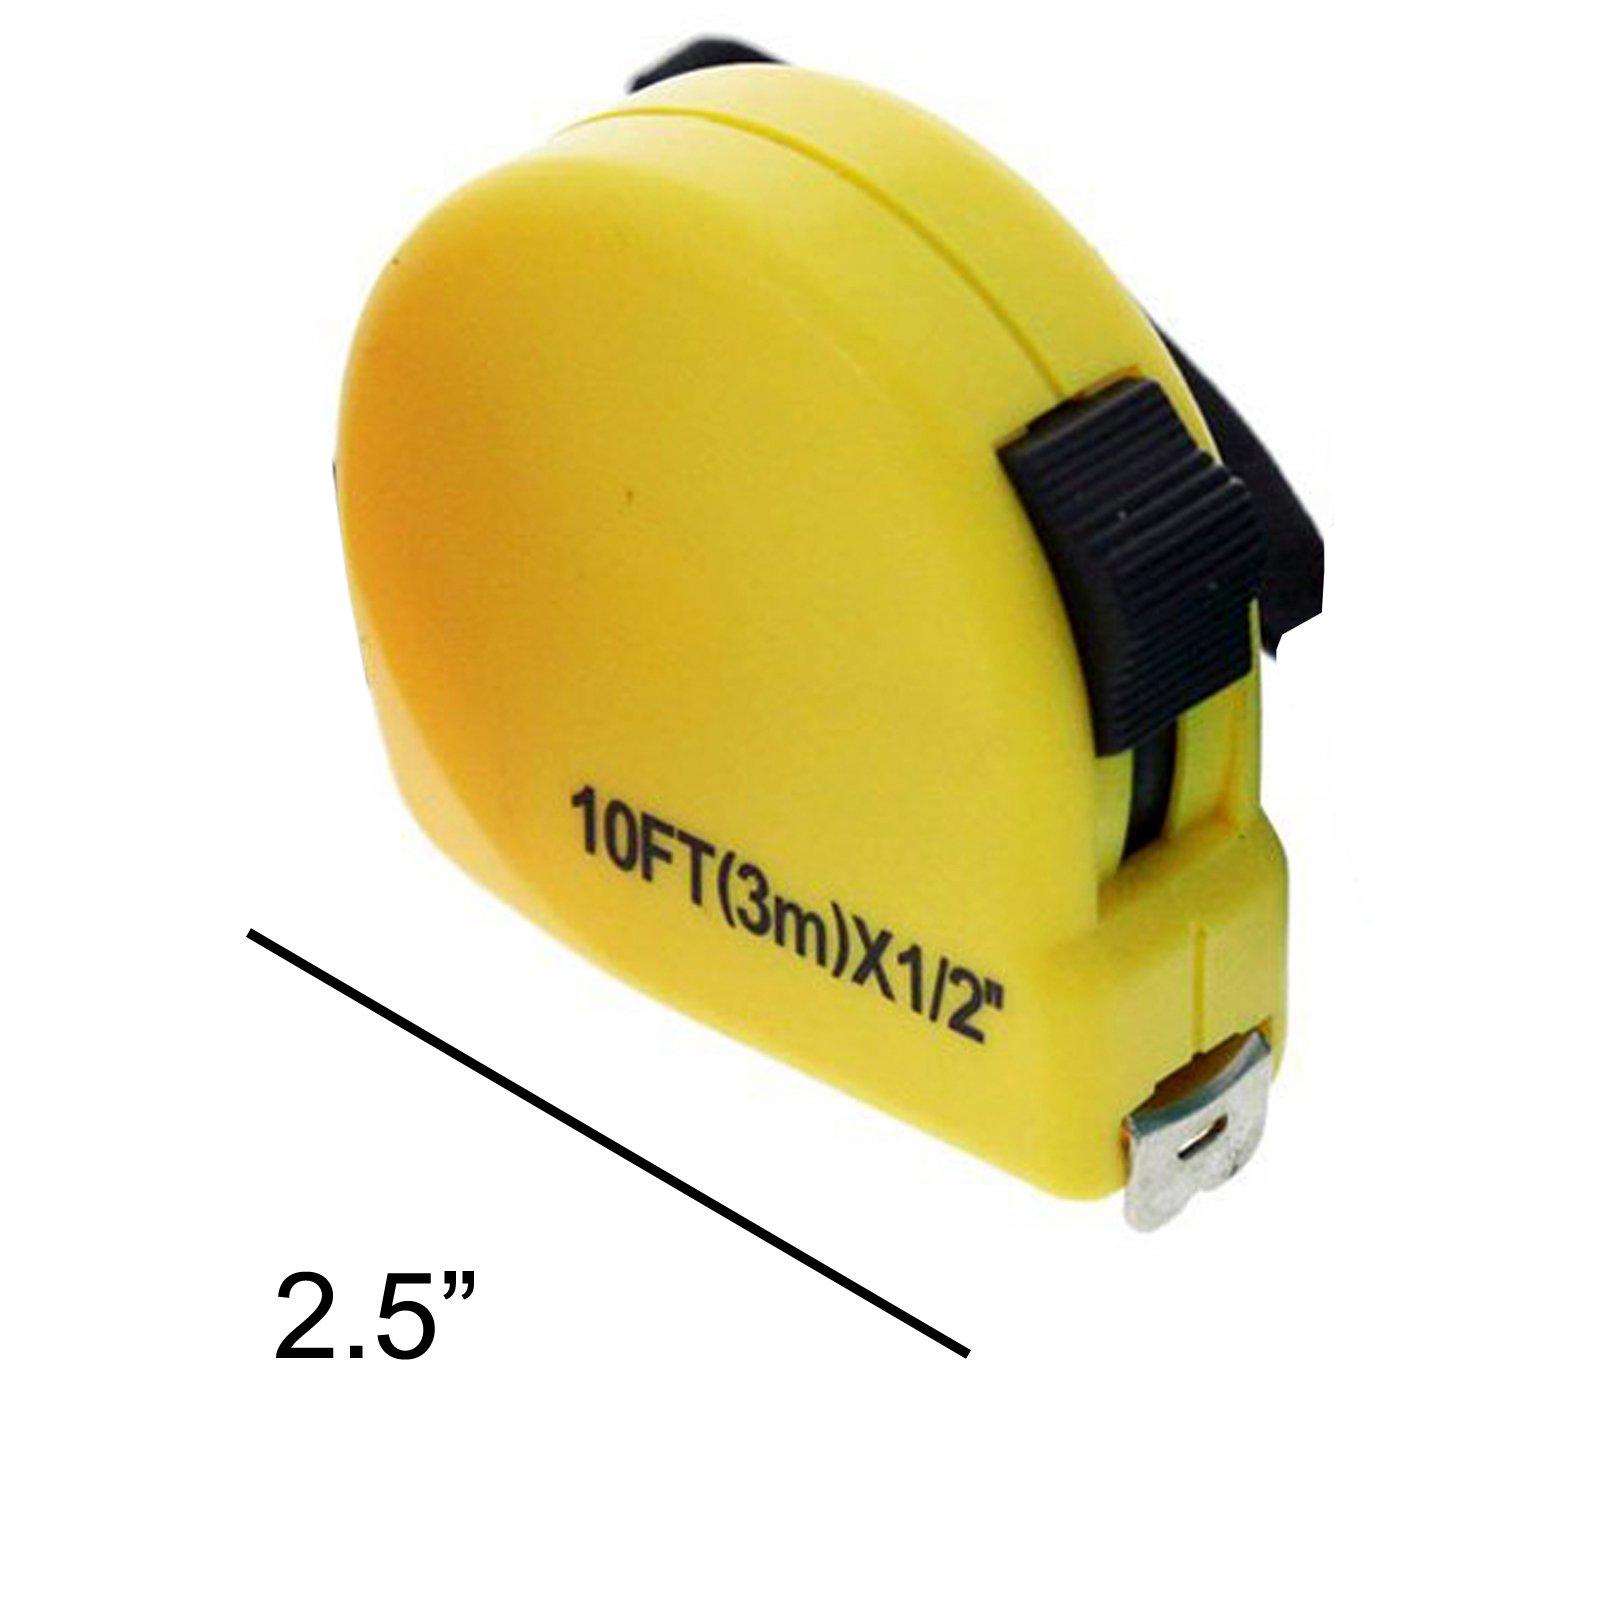 Universal Tool 10ft Measuring Tape Metric SAE 3 Meters Tape Measure - Yellow